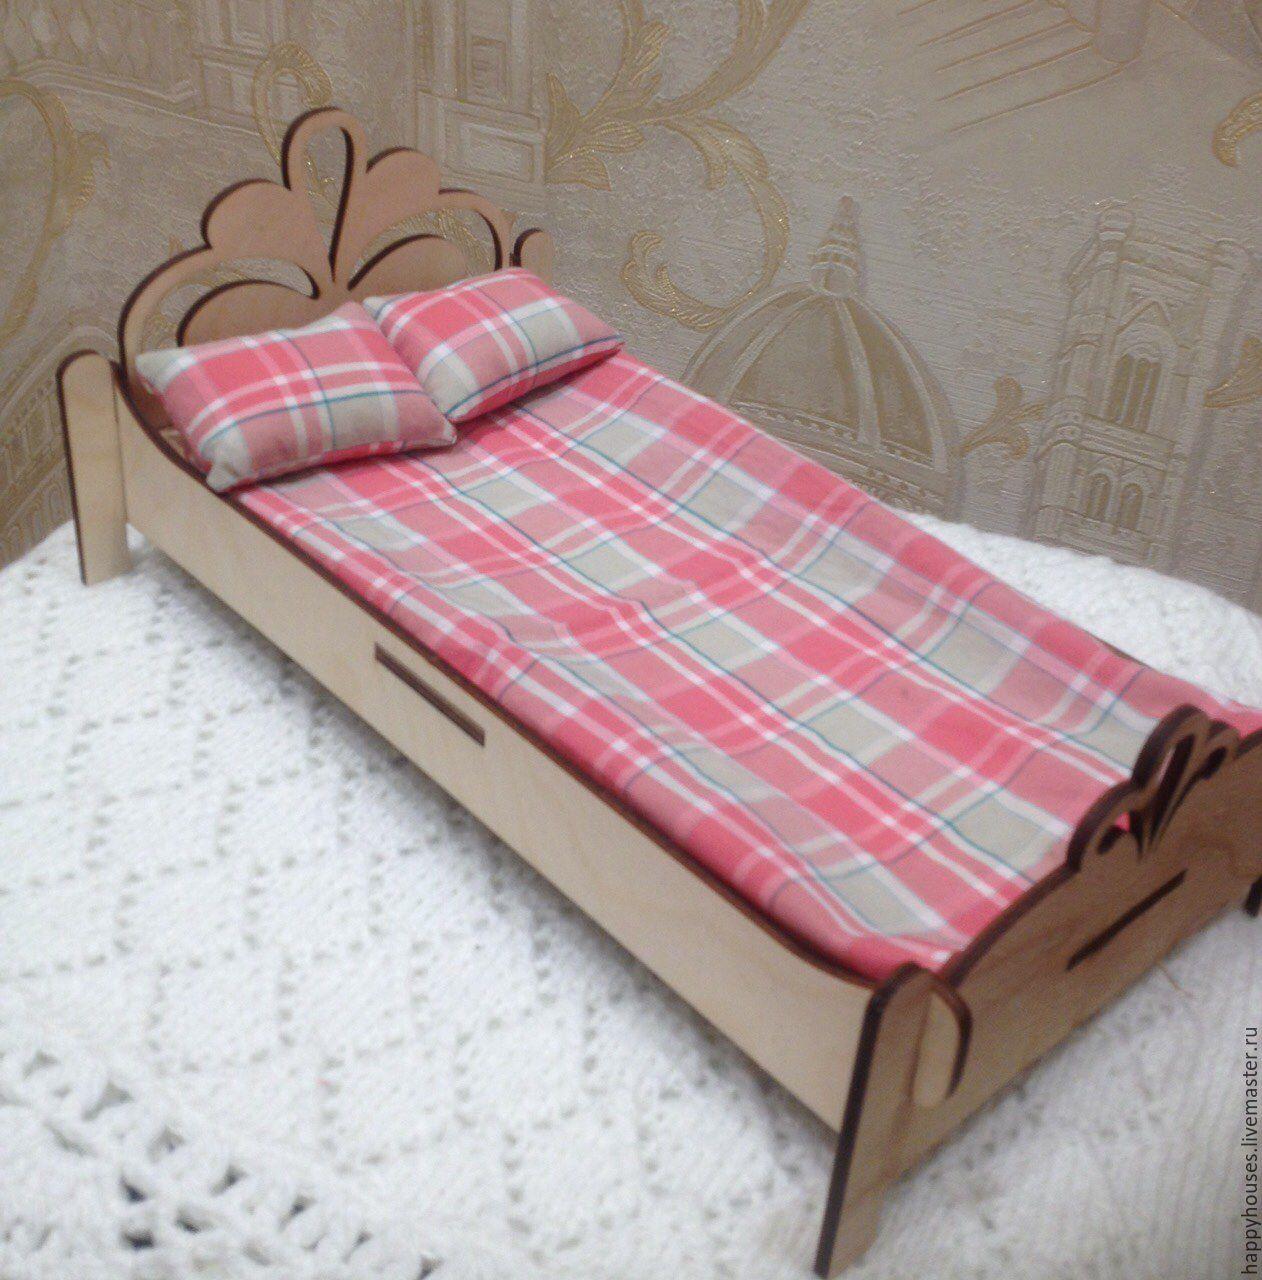 кровать для барби своими руками фото накладывалось